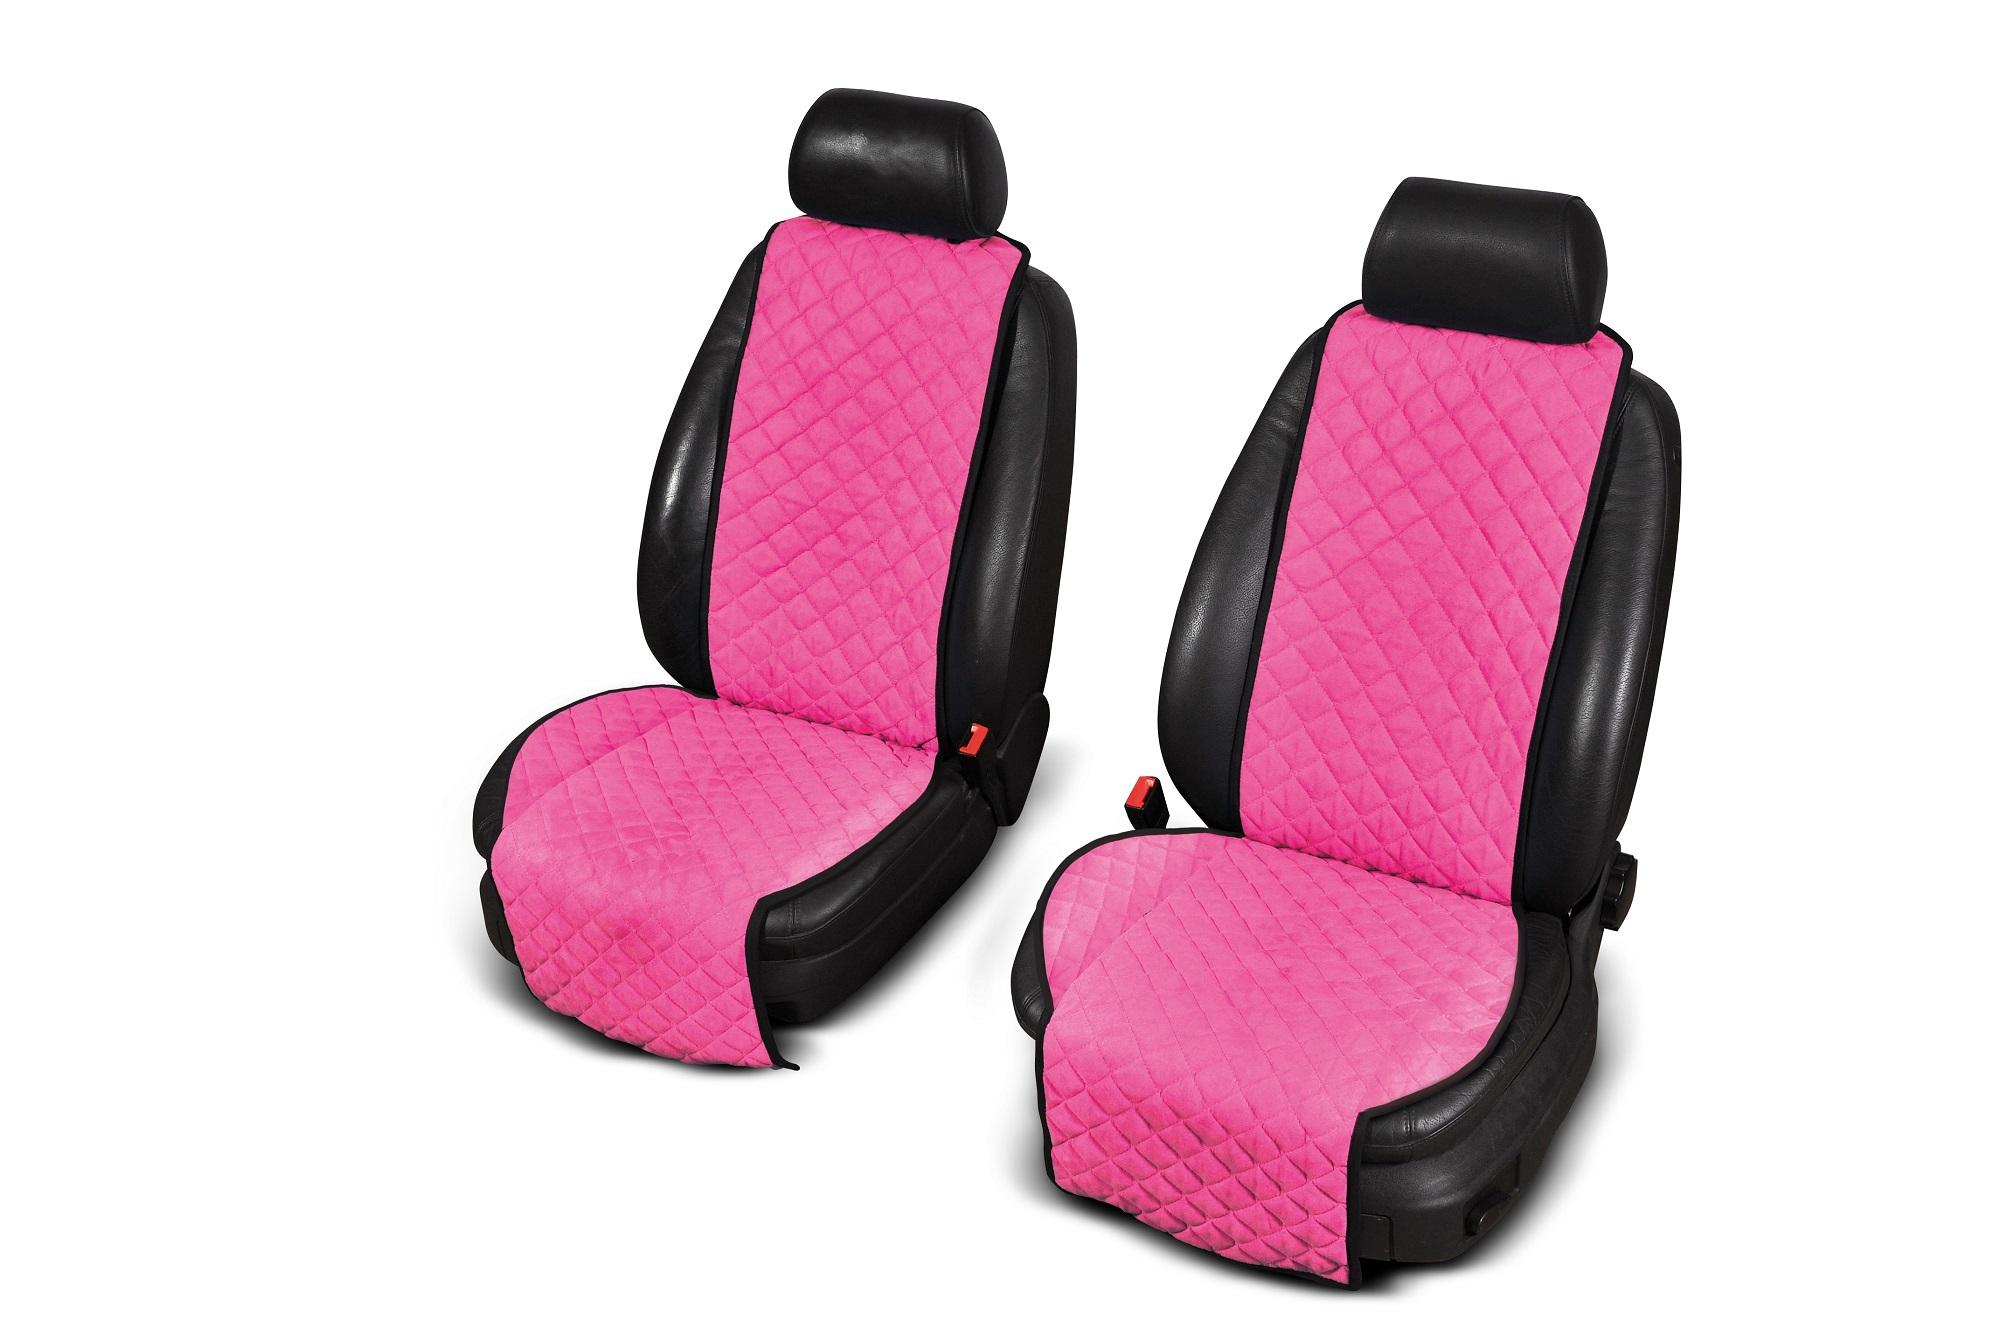 Autopotahy Cantra - ŠIROKÉ. 2x autopotahy na přední sedadla Barva: Světle hnědá